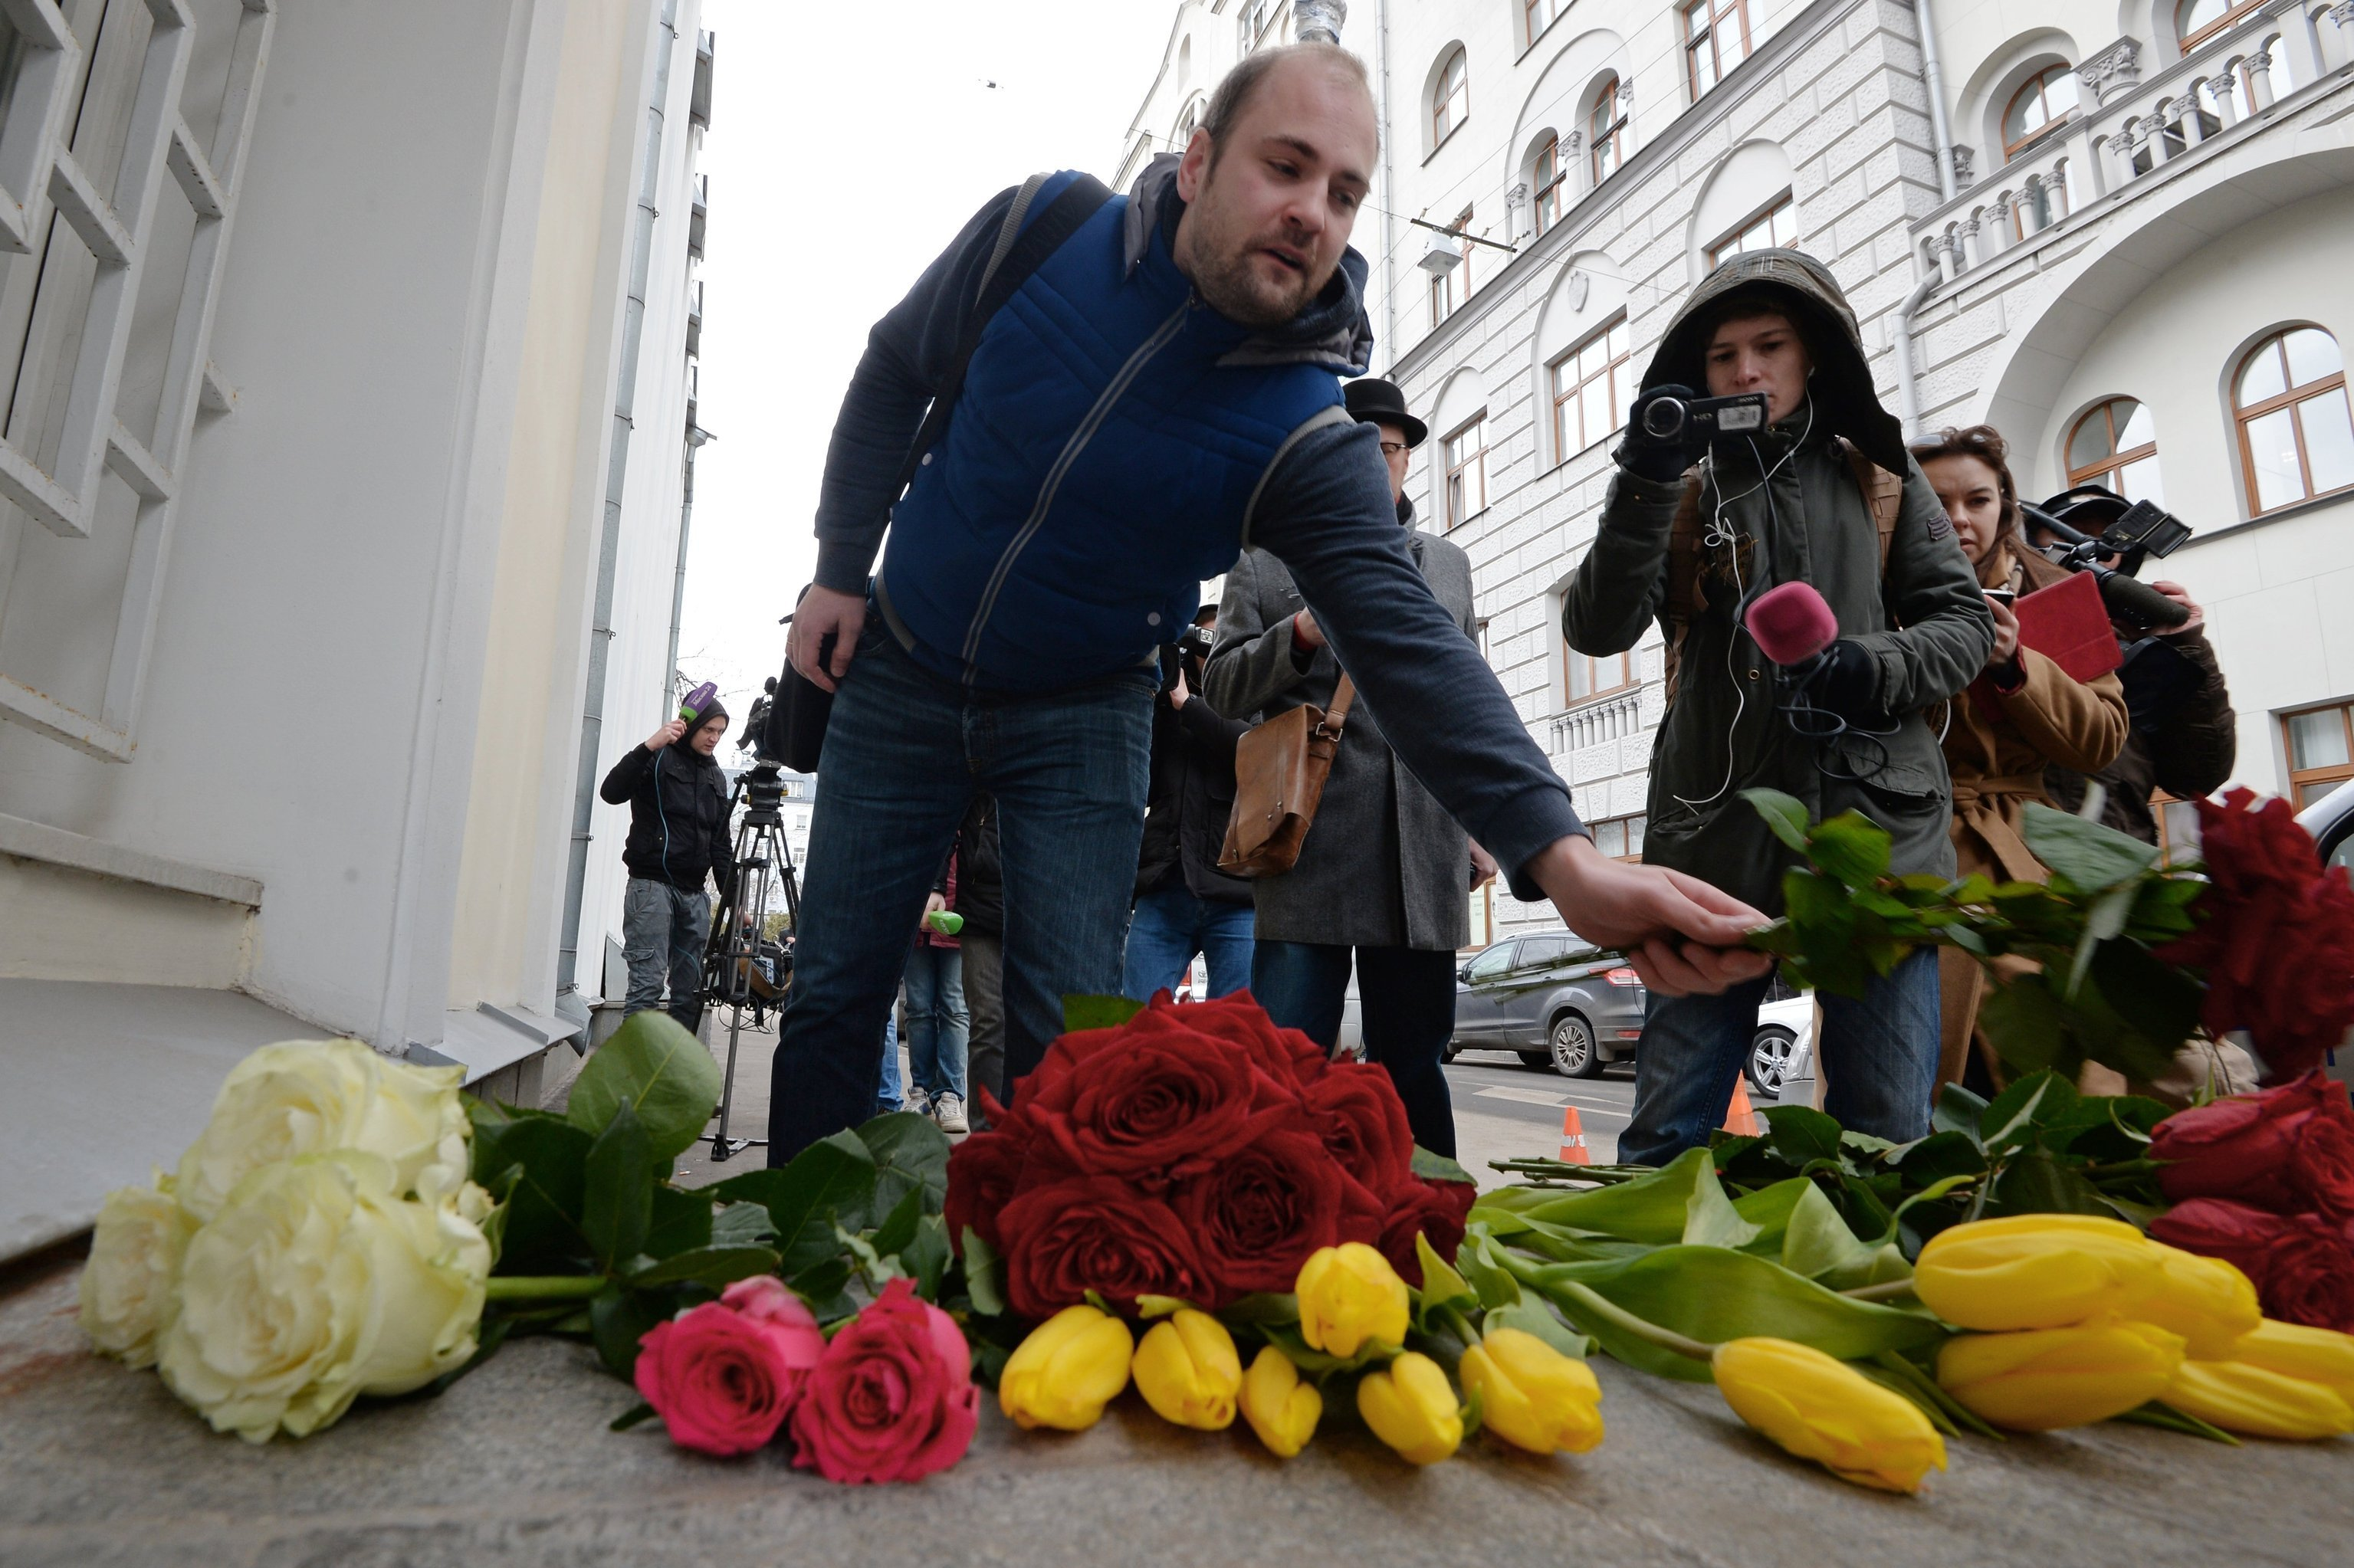 Cidadãos russos depositam flores perto de embaixada belga em Moscou após atentados em Bruxelas, Rússia, 22 de março de 2016